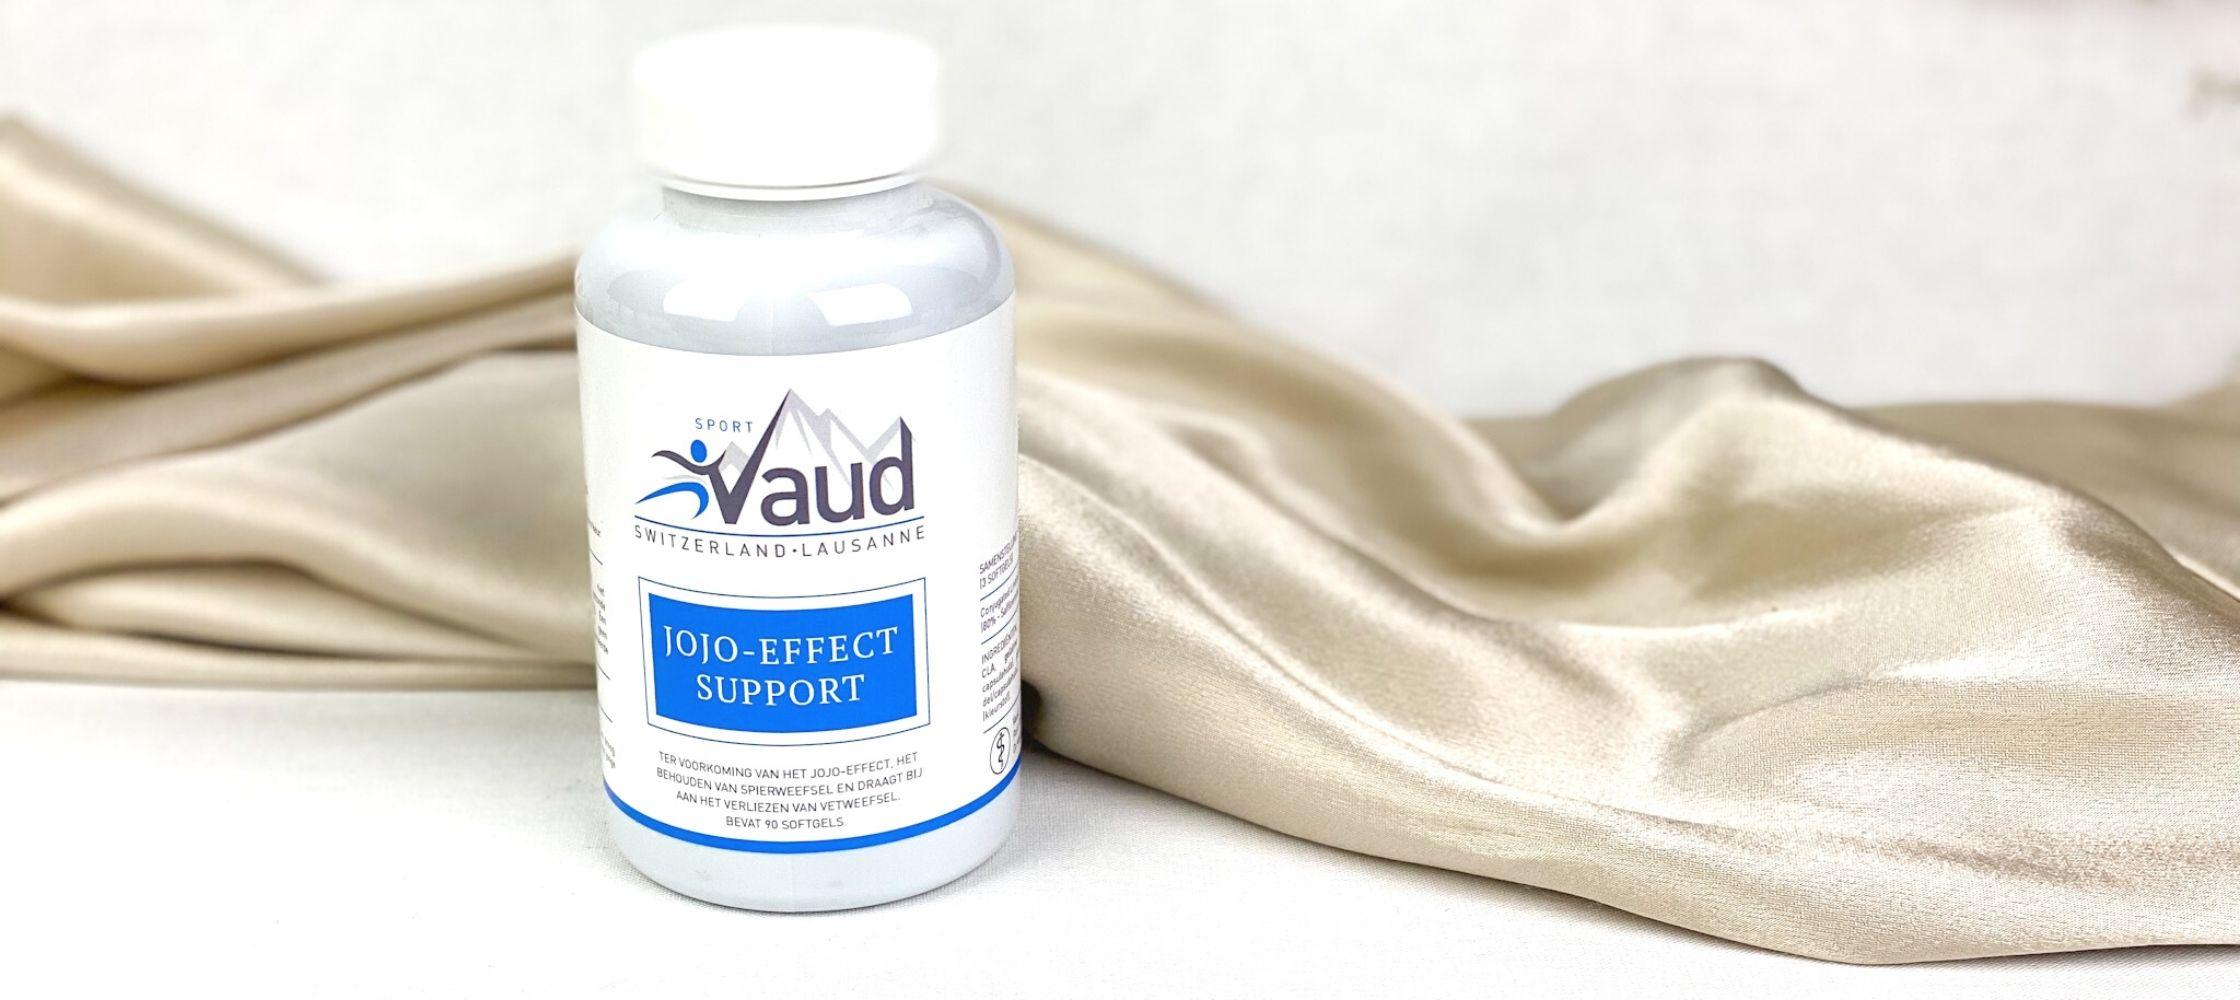 Jojo effect voorkomen met supplement_ JoJo-effect Support